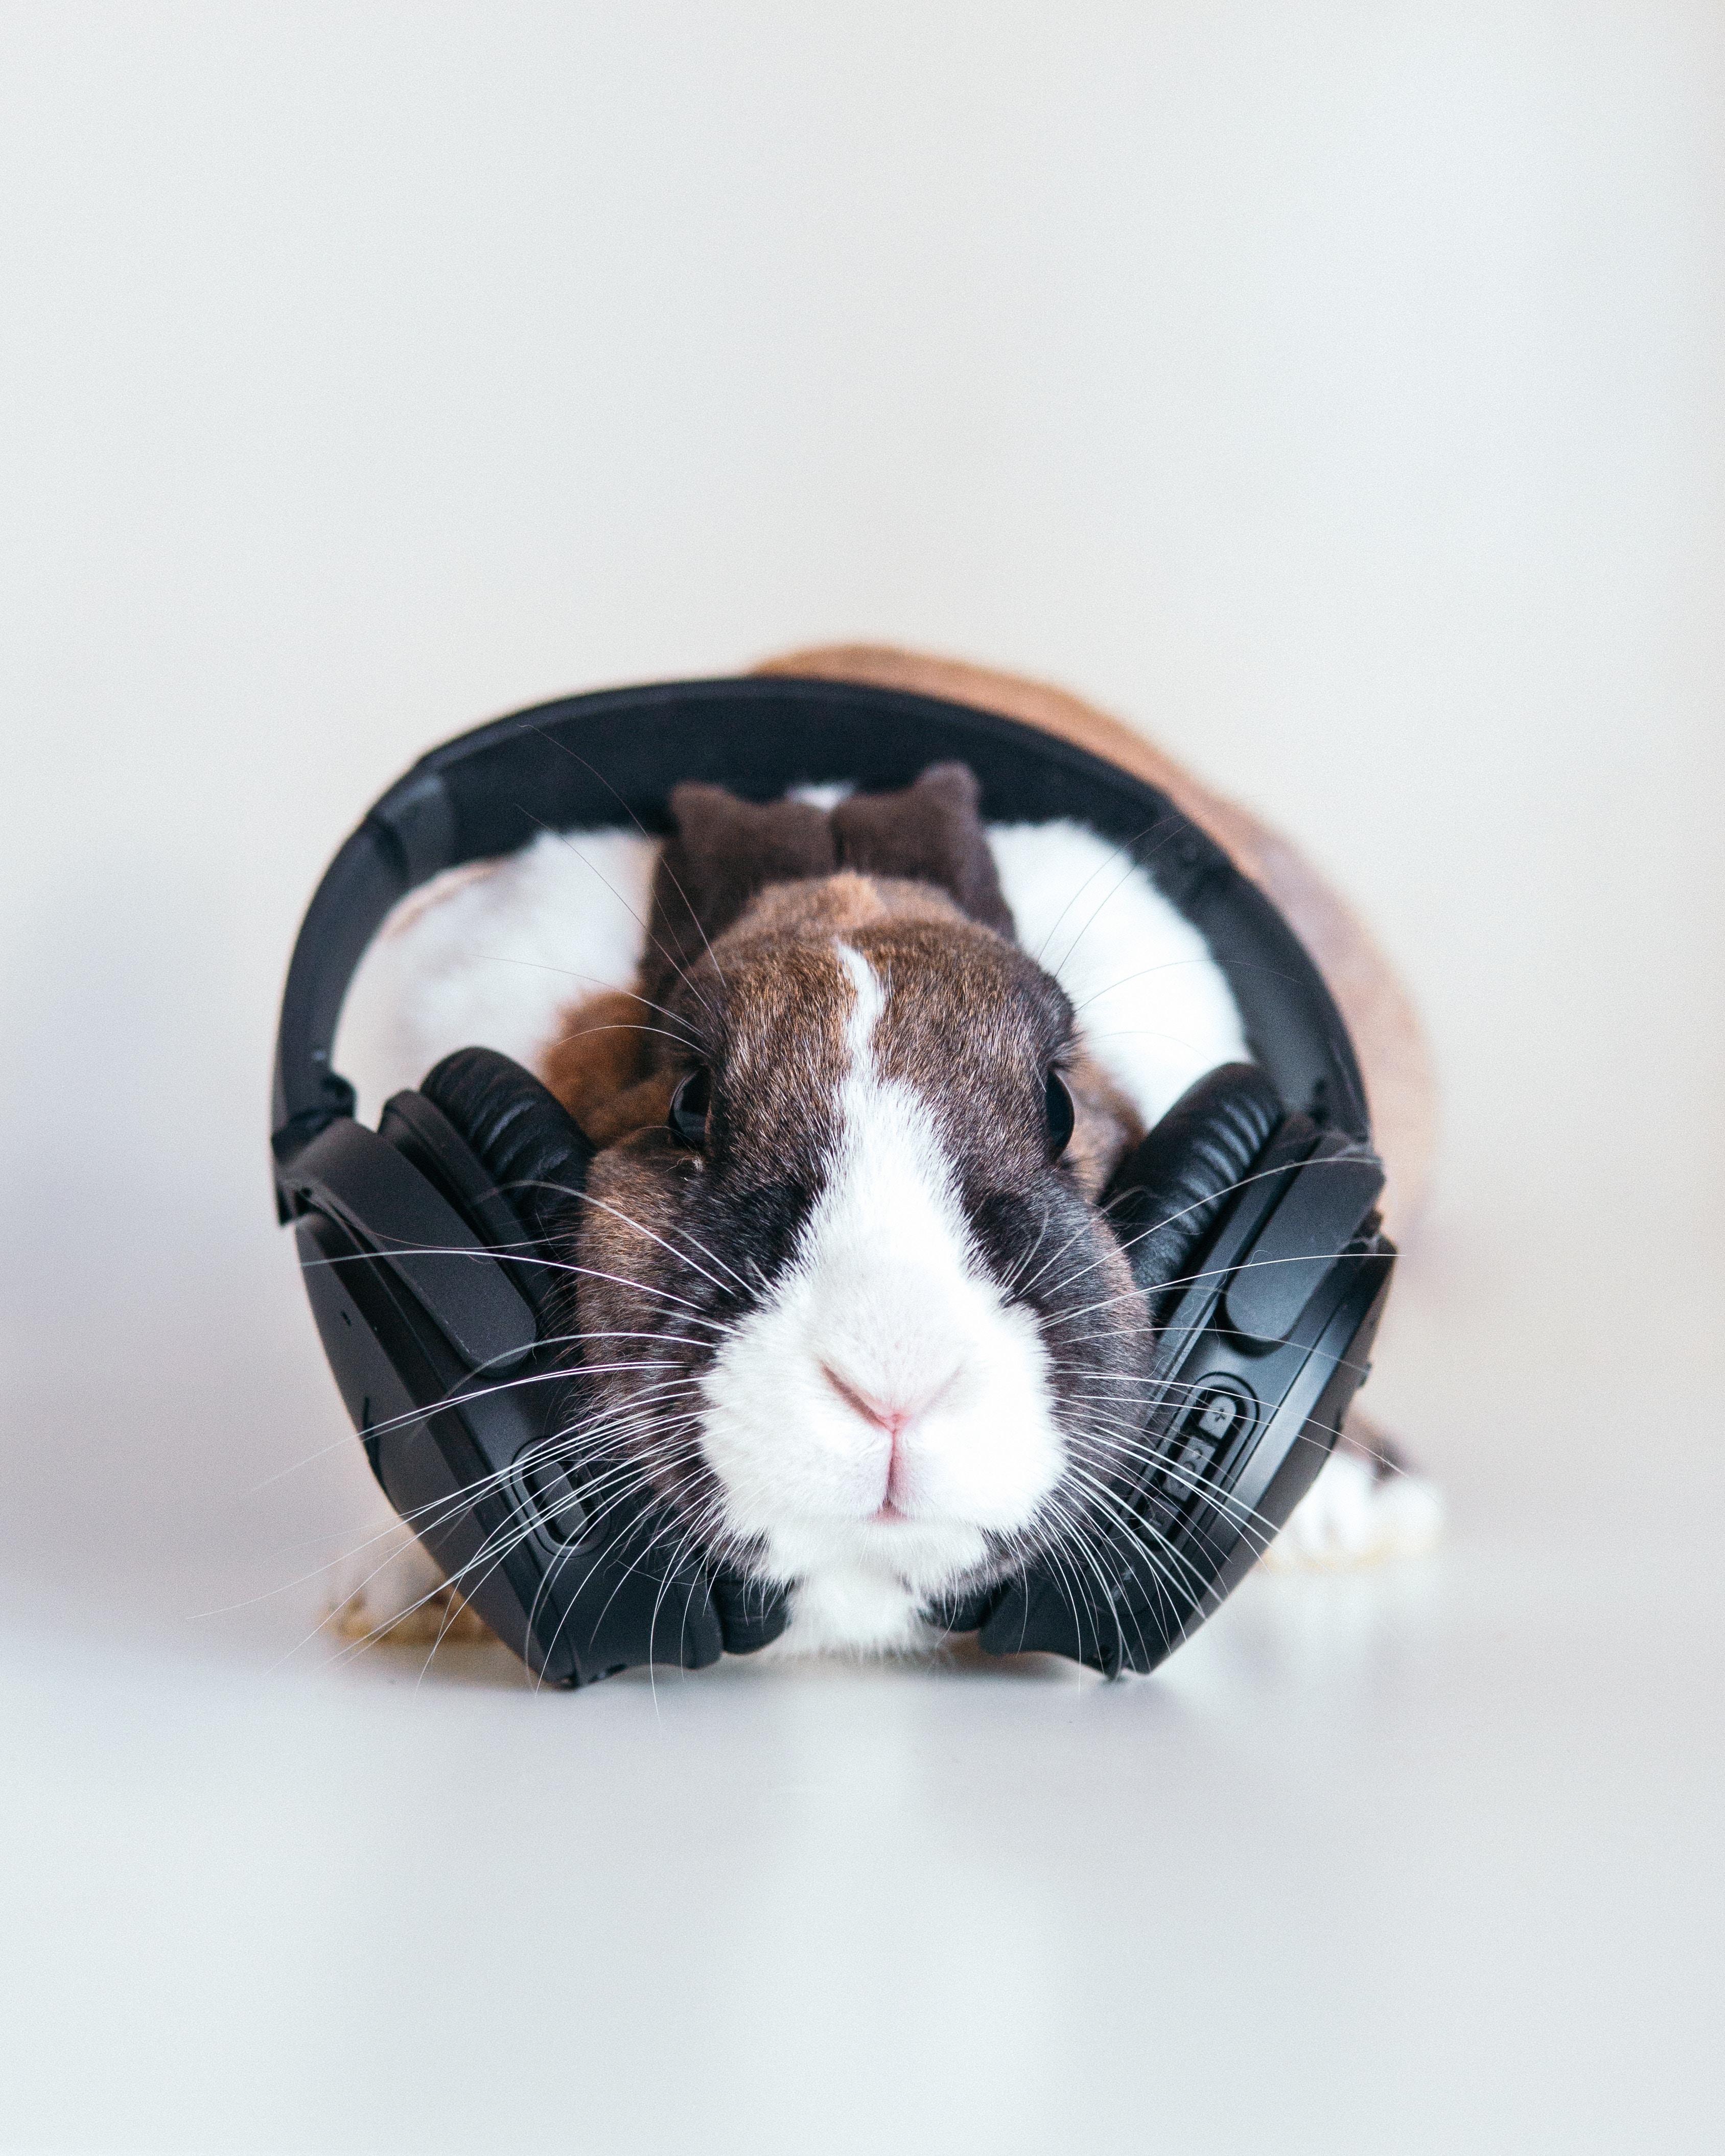 132975 Hintergrundbild herunterladen Musik, Kaninchen, Kopfhörer, Audio - Bildschirmschoner und Bilder kostenlos